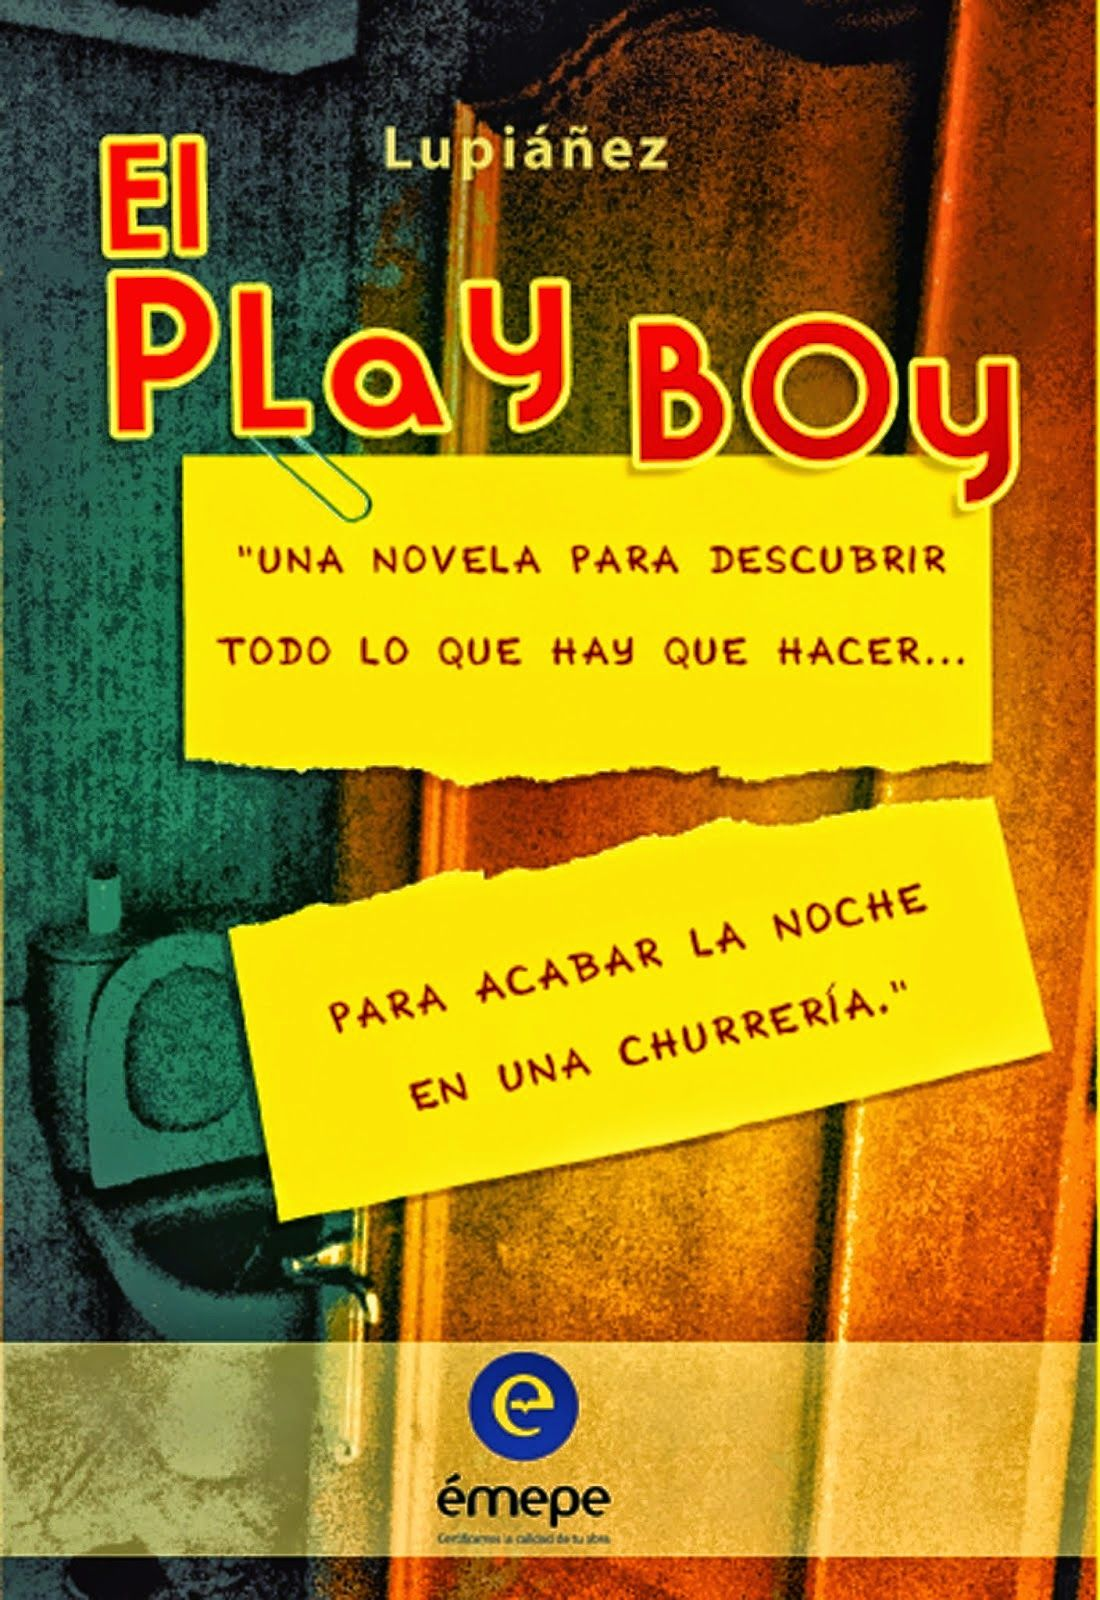 El play boy